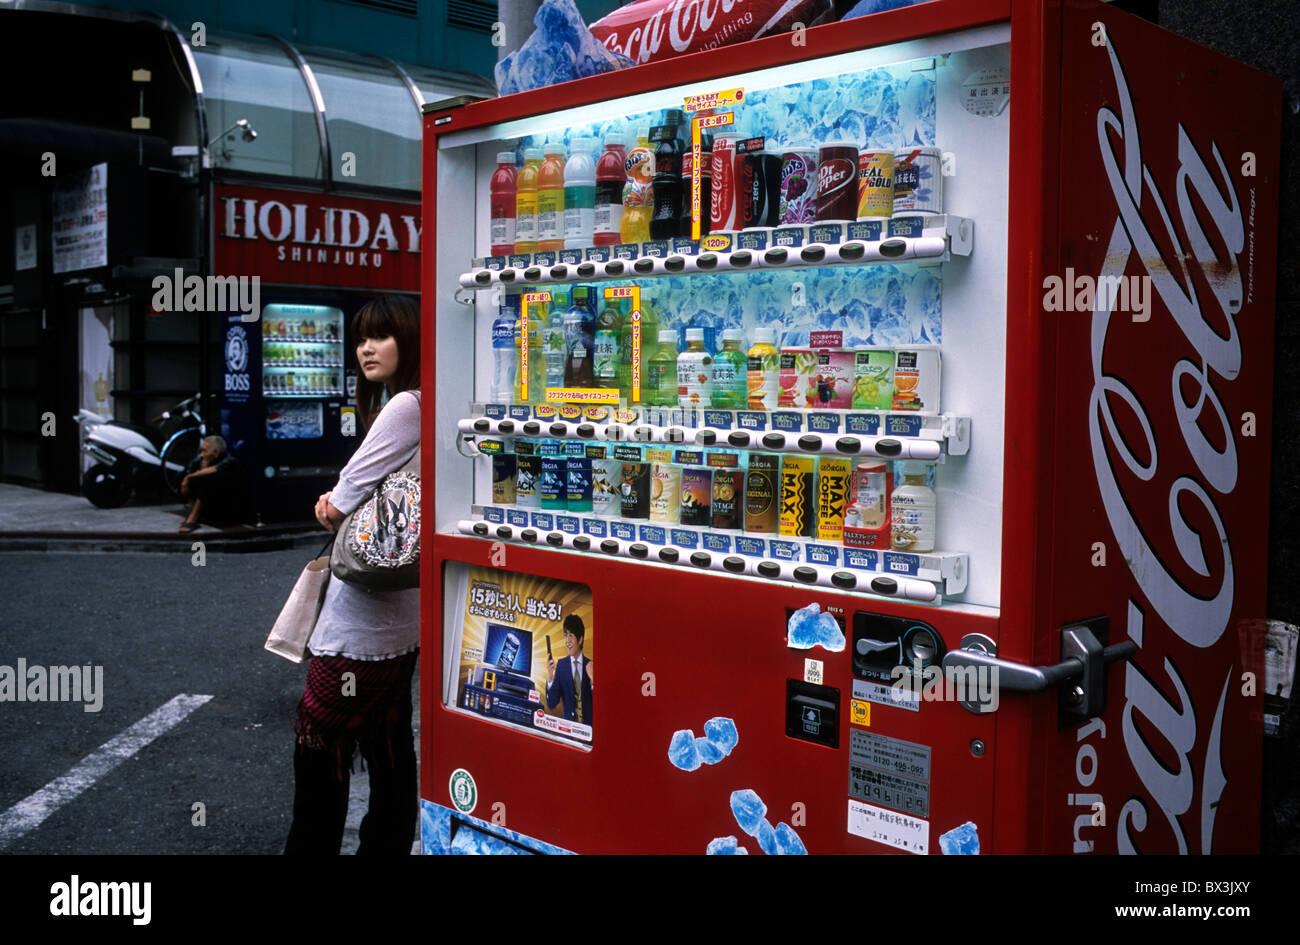 Una señora de pie cerca de una máquina expendedora de bebidas automático en Shinjuku, Tokio, Japón. Imagen De Stock